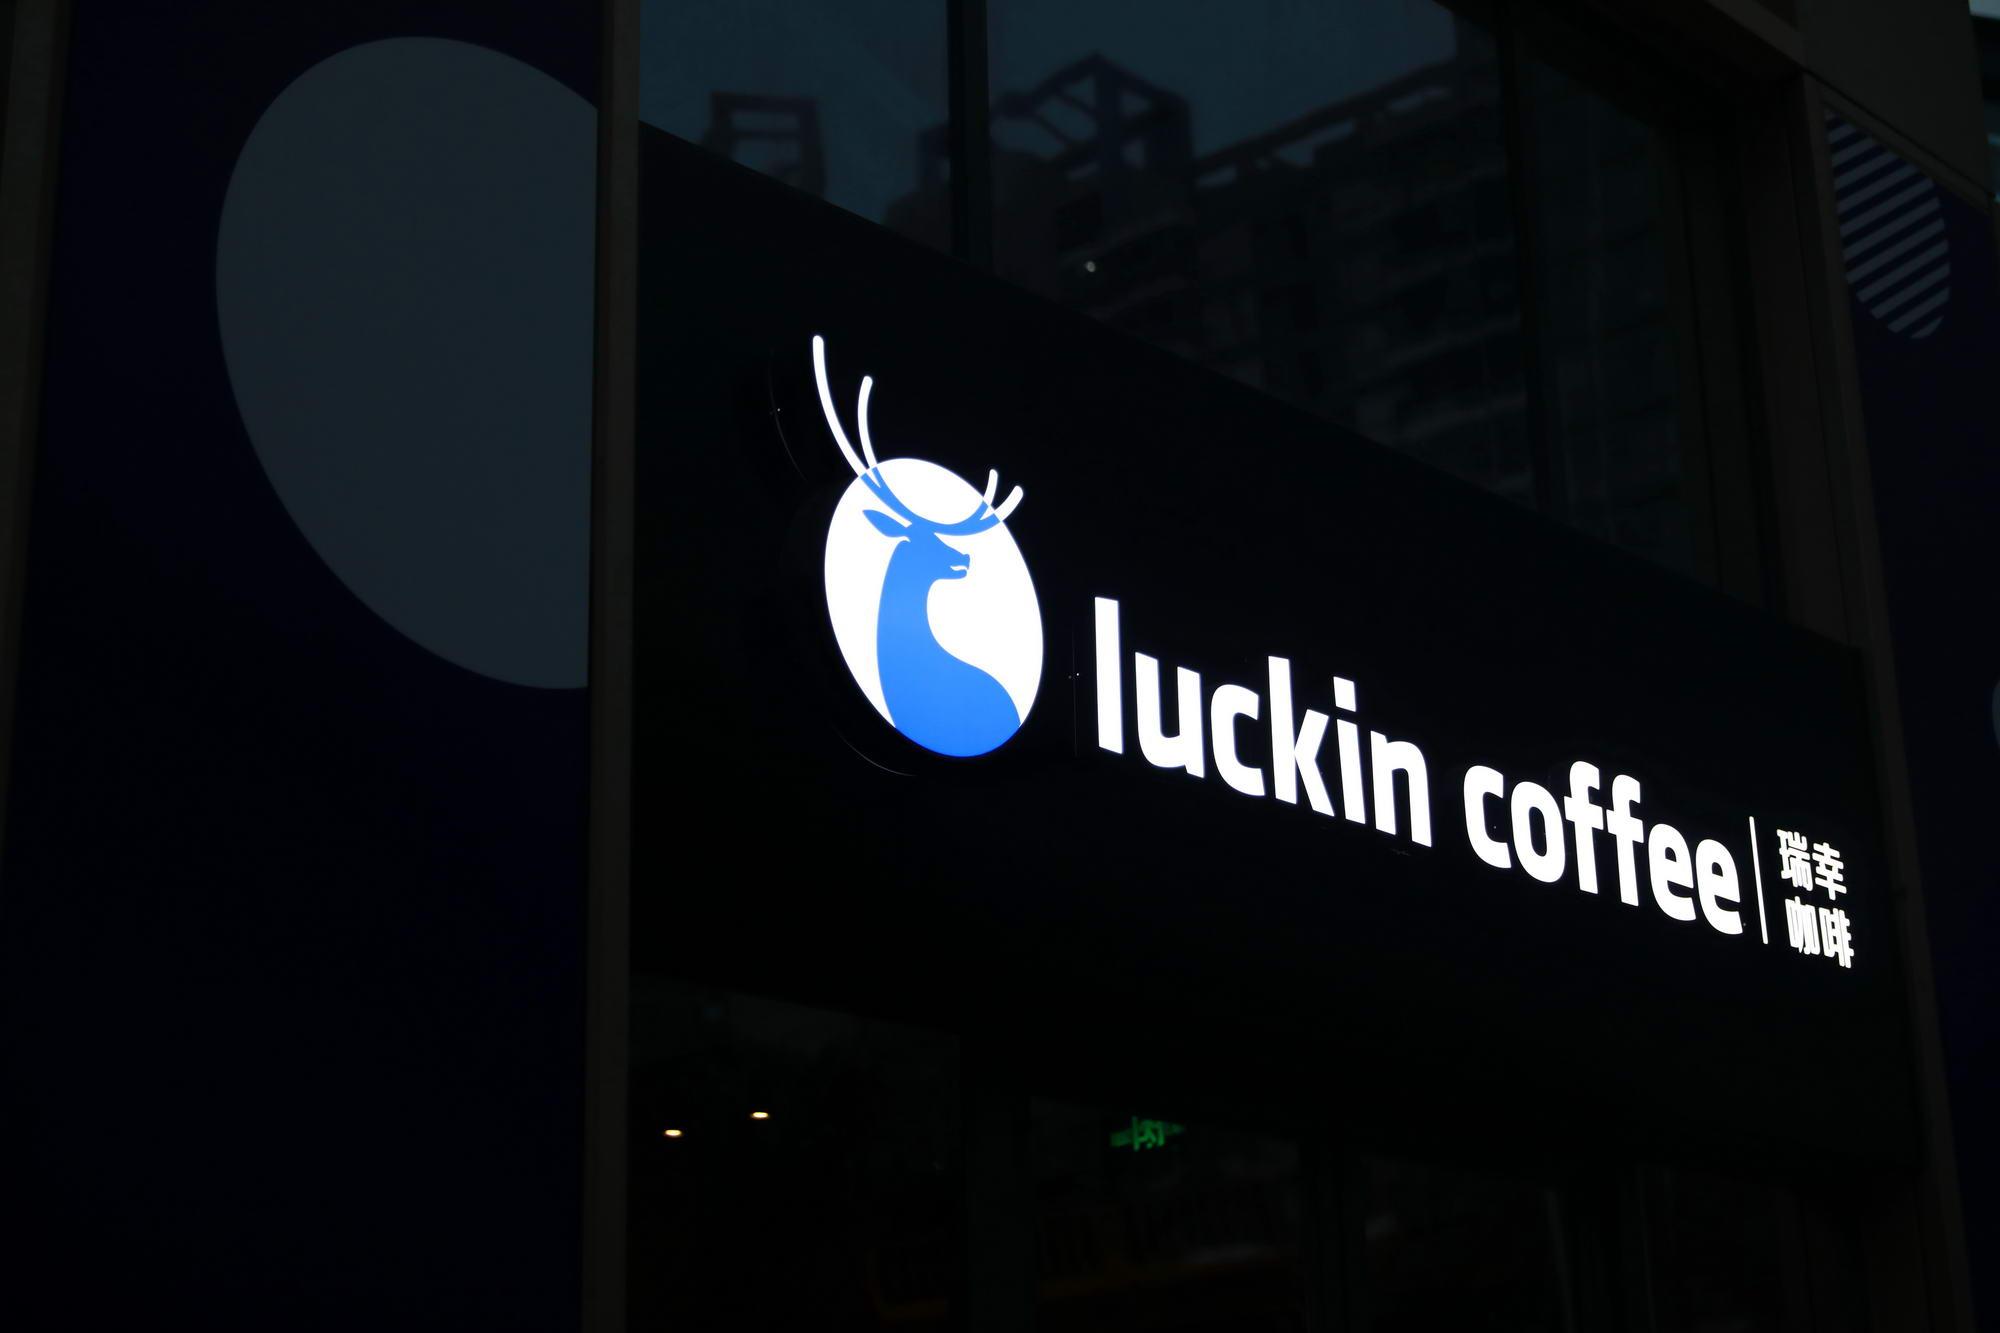 瑞幸咖啡今日停牌 全国4000多家门店将正常运营